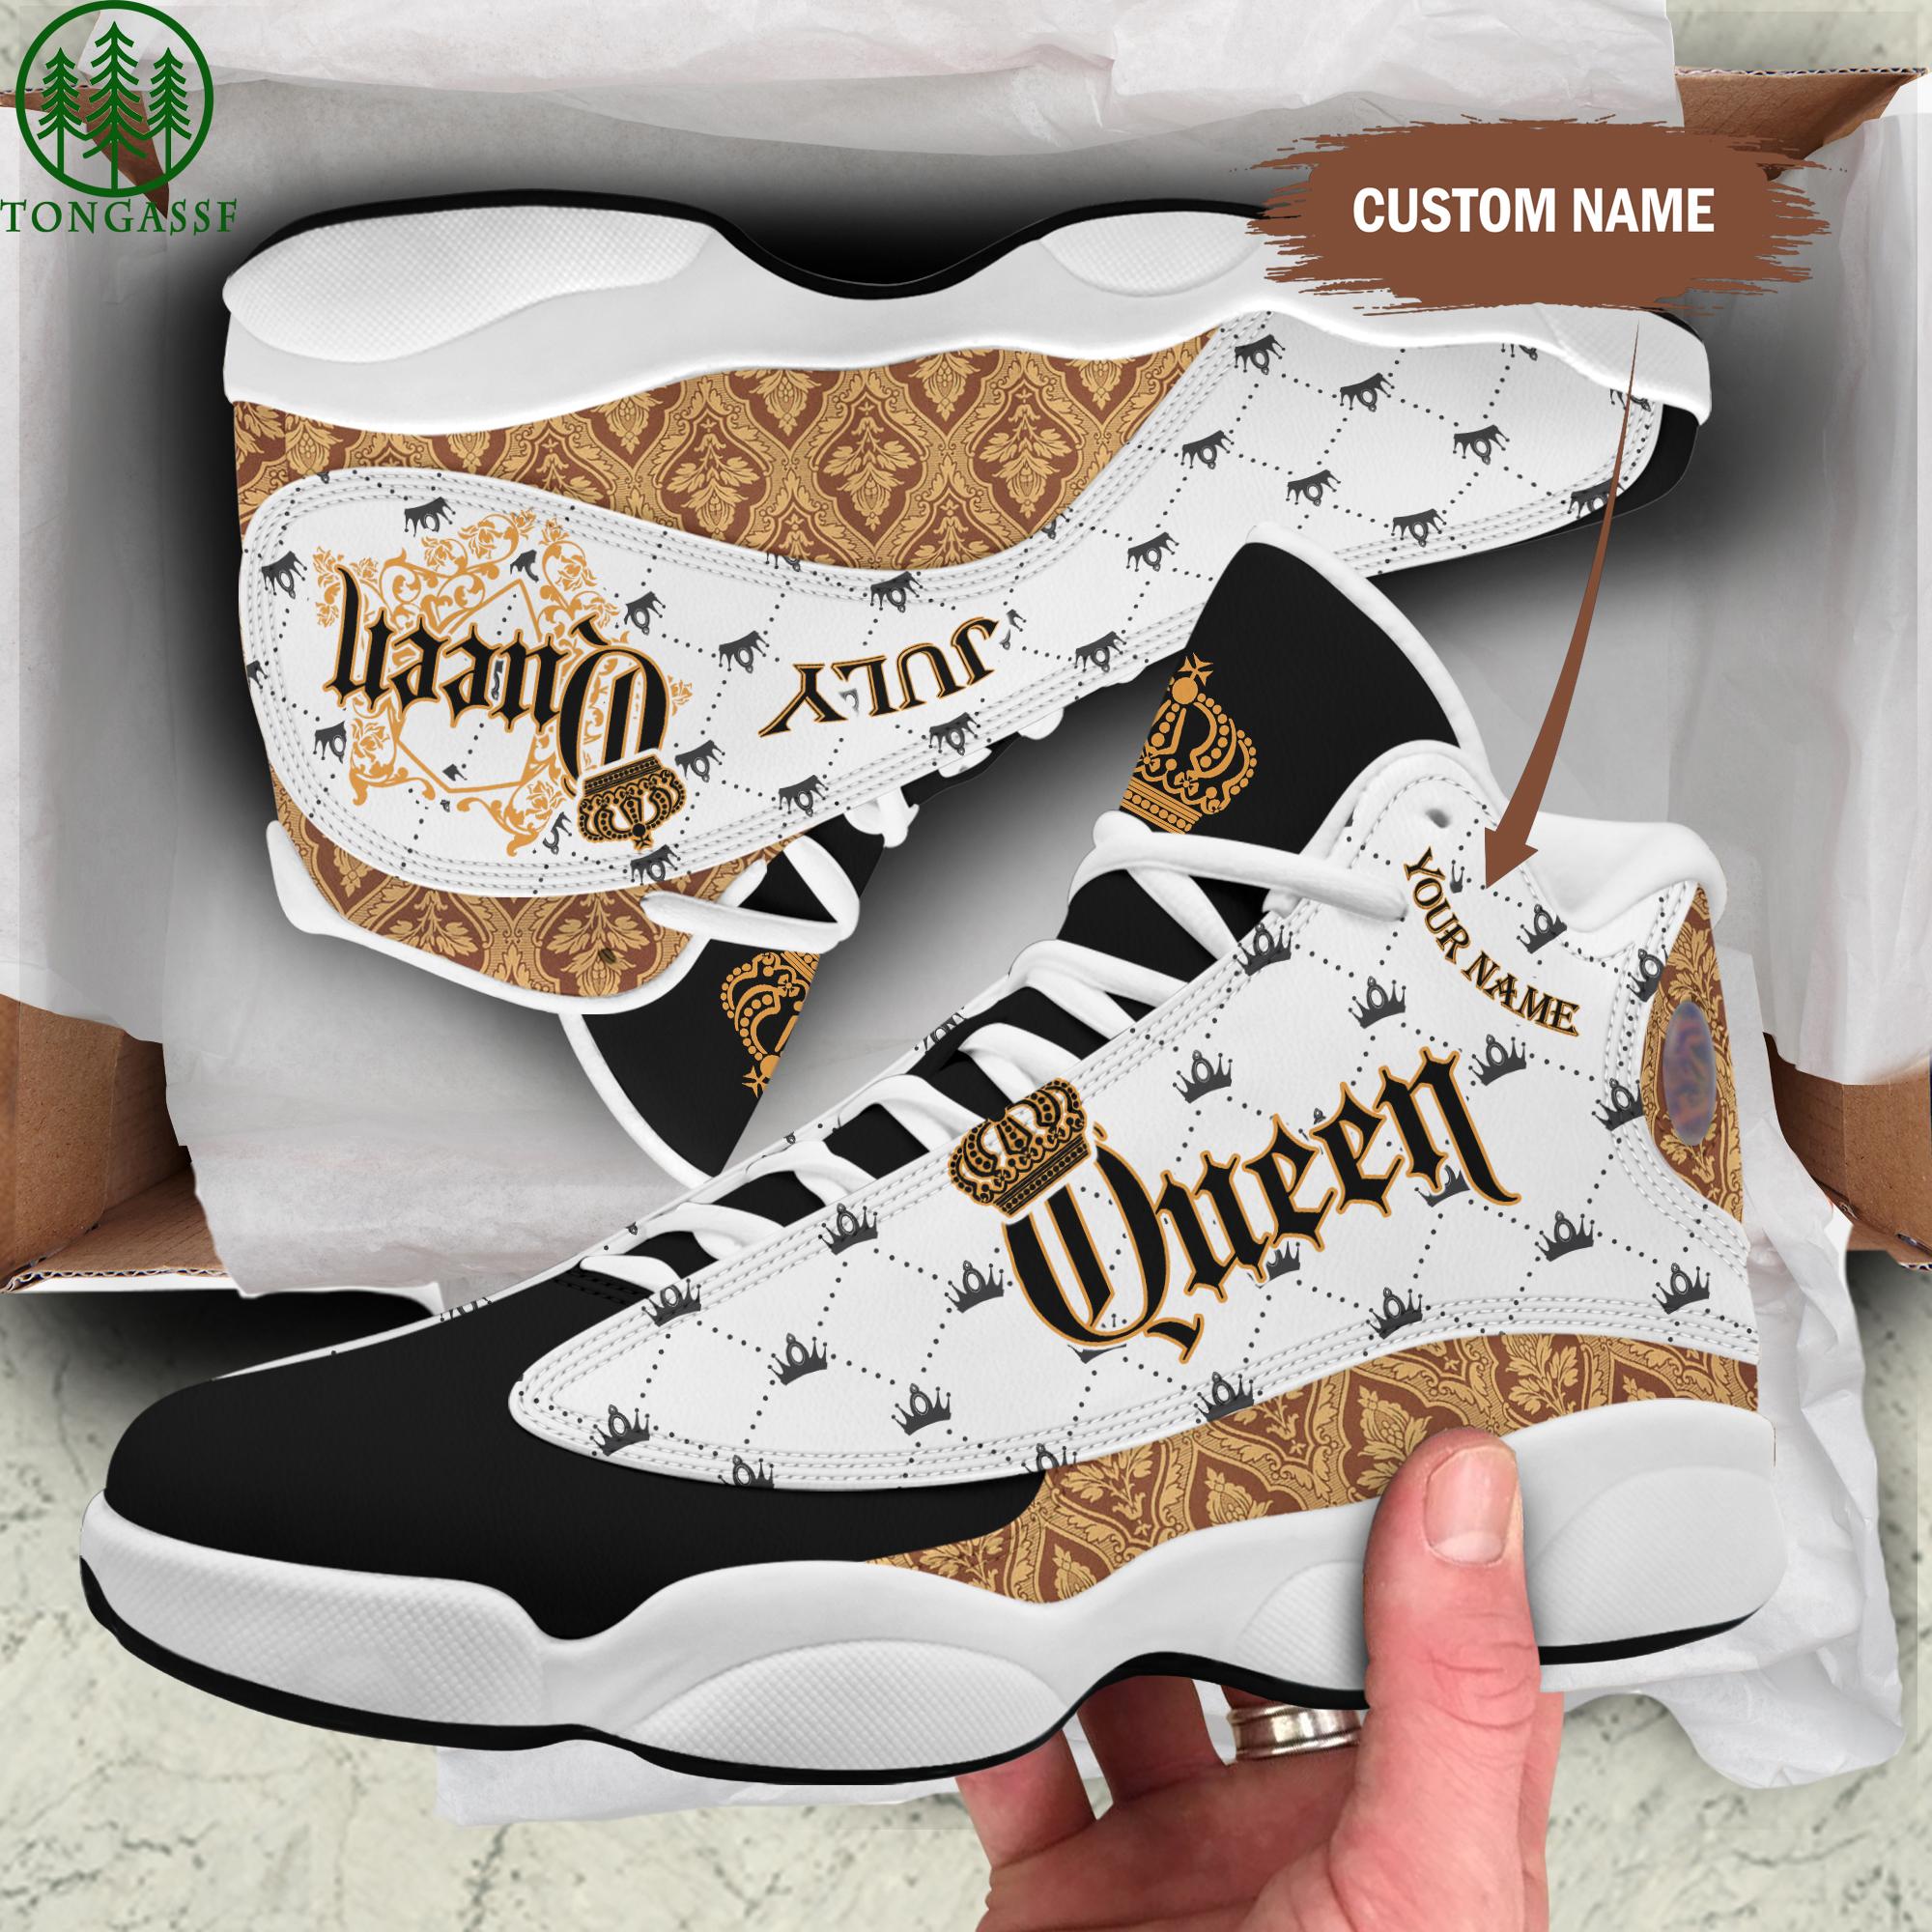 Custom July Queen Jordan 13 Shoes 33